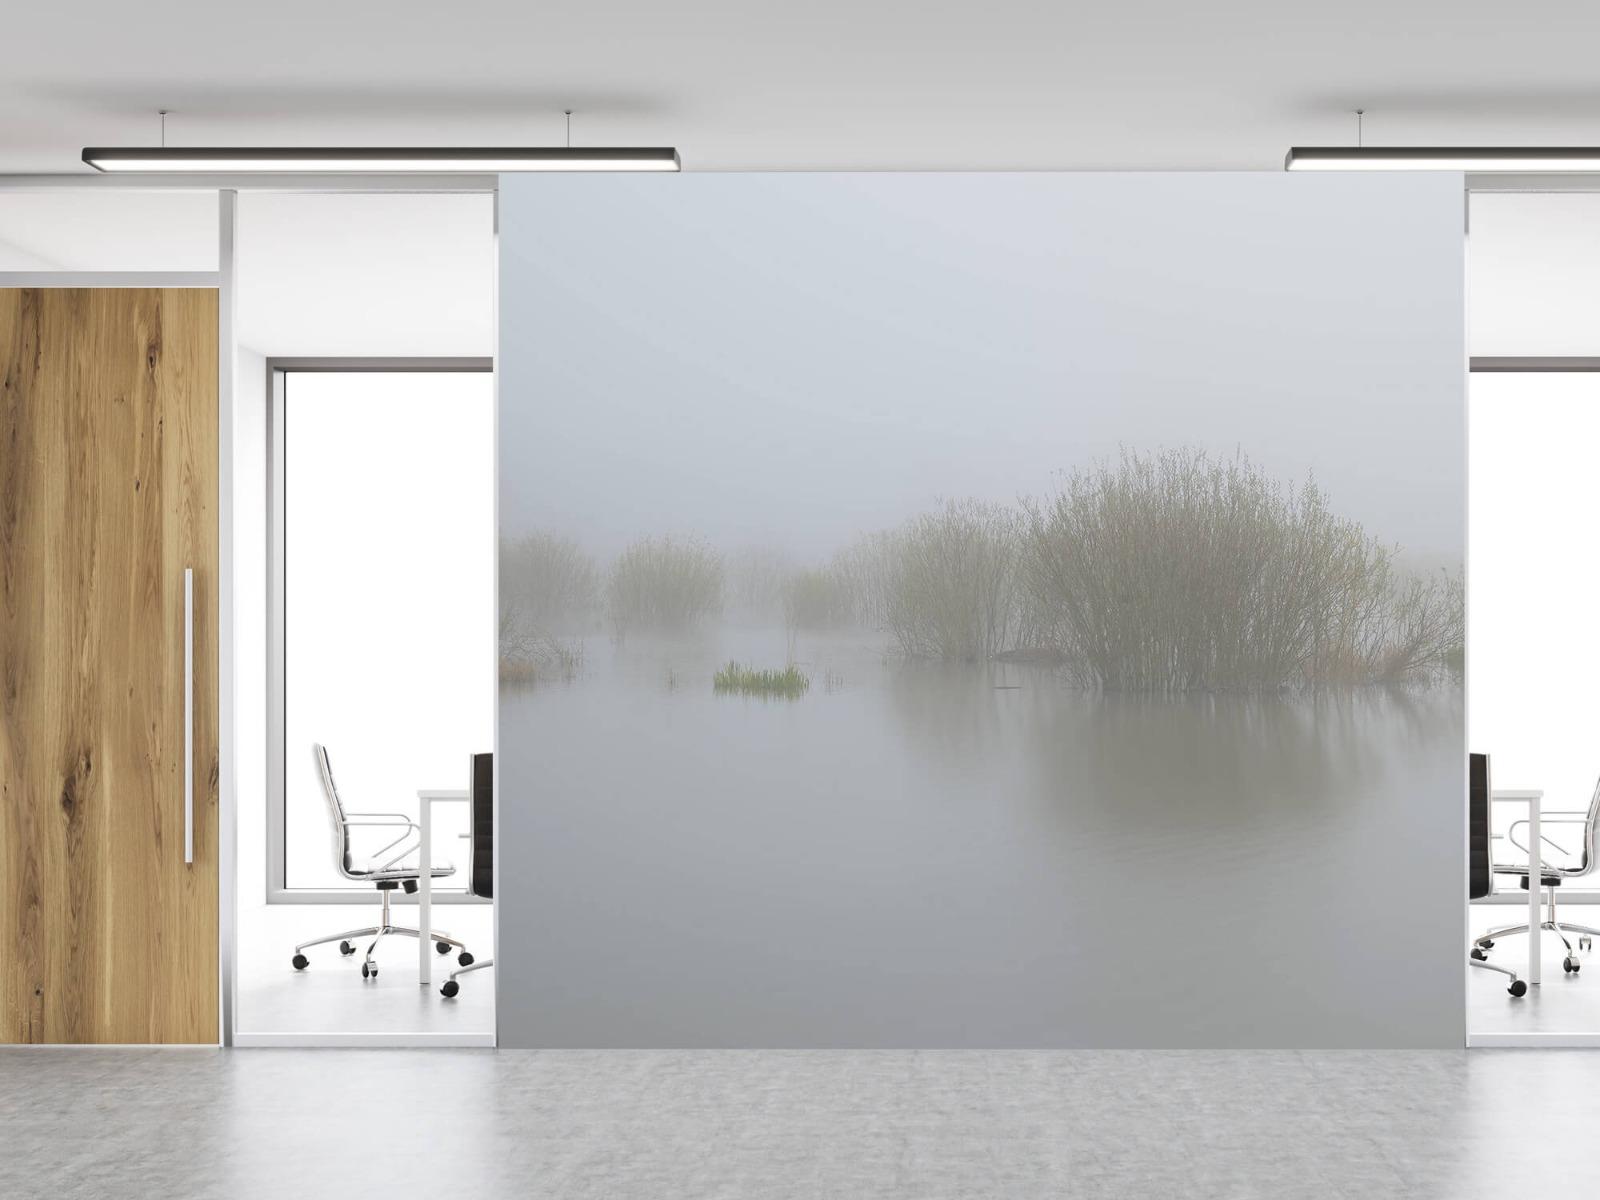 Landschap - Mist in natuurgebied - Slaapkamer 12